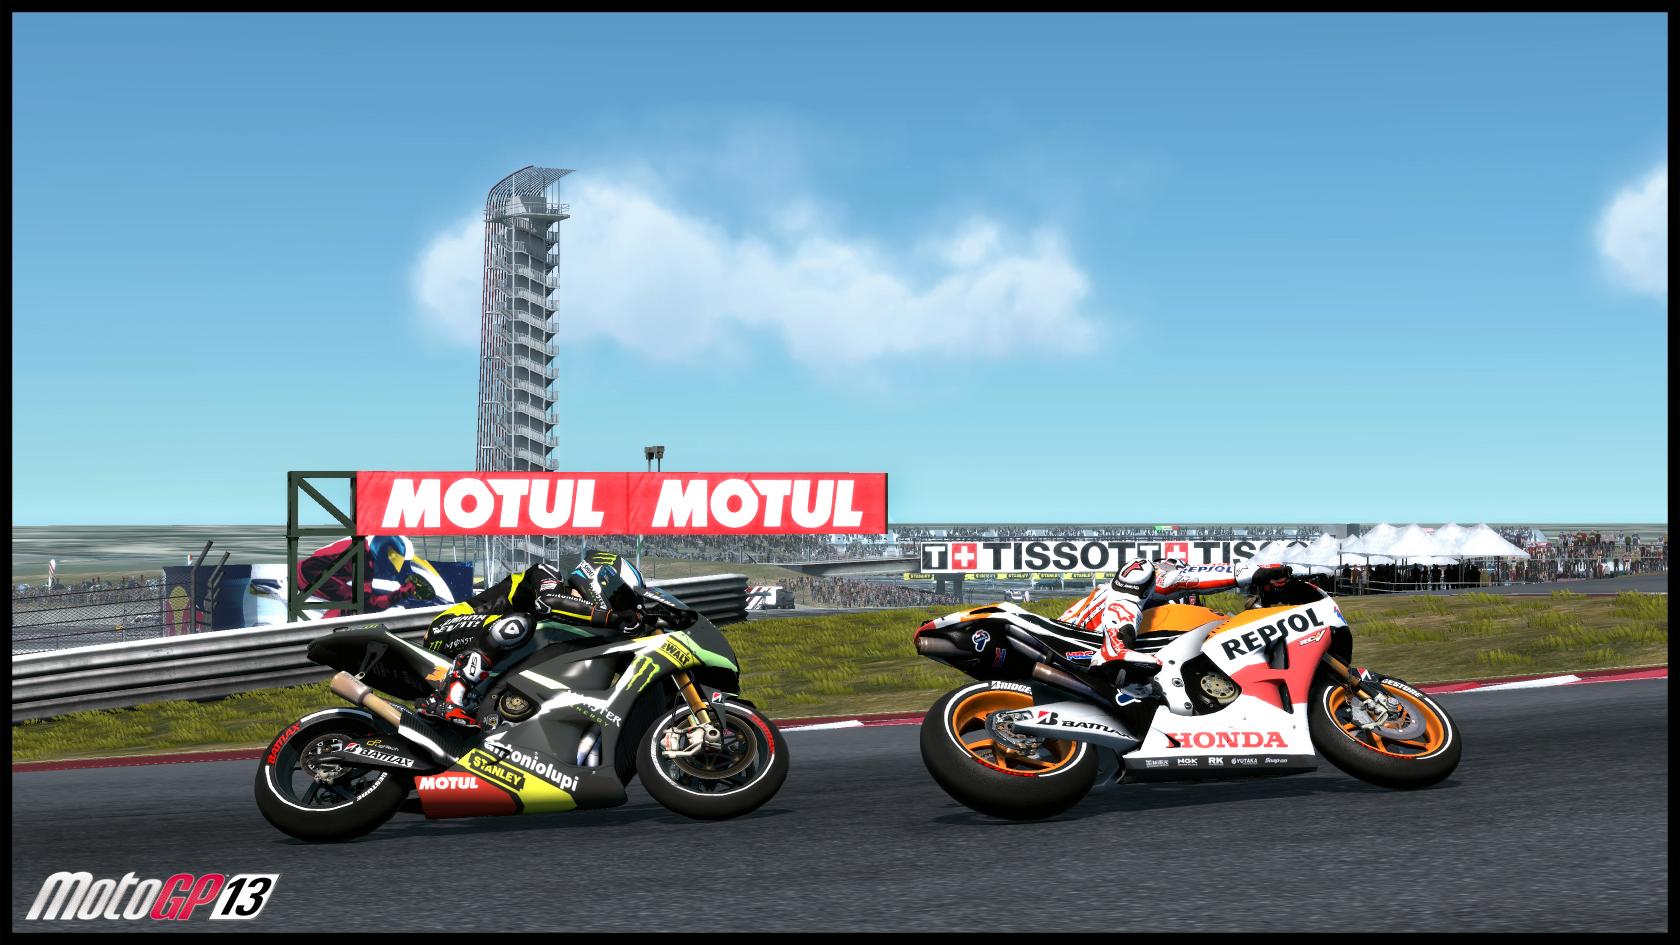 Análisis de MotoGP 13 para PS3, 360 y PC - HobbyConsolas Juegos